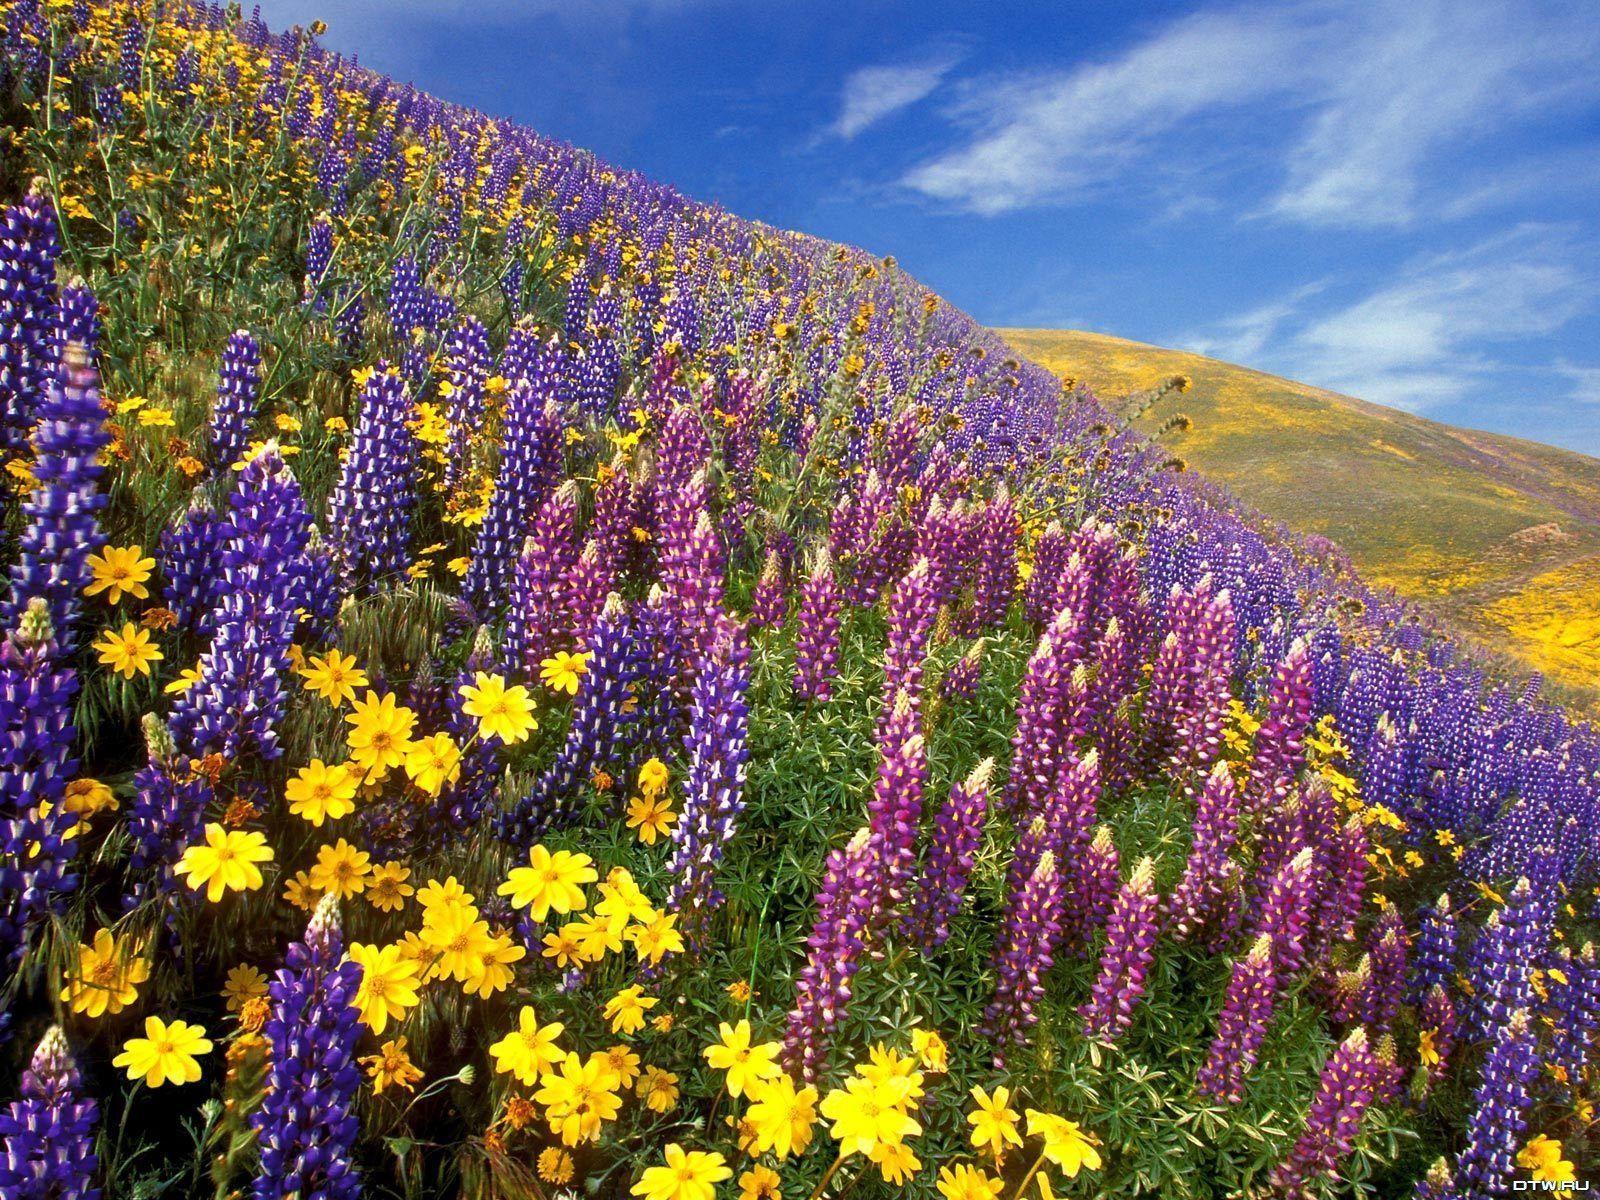 fond,ecran,nature,paysages,fleurs,champs,023,1024x768 dans «